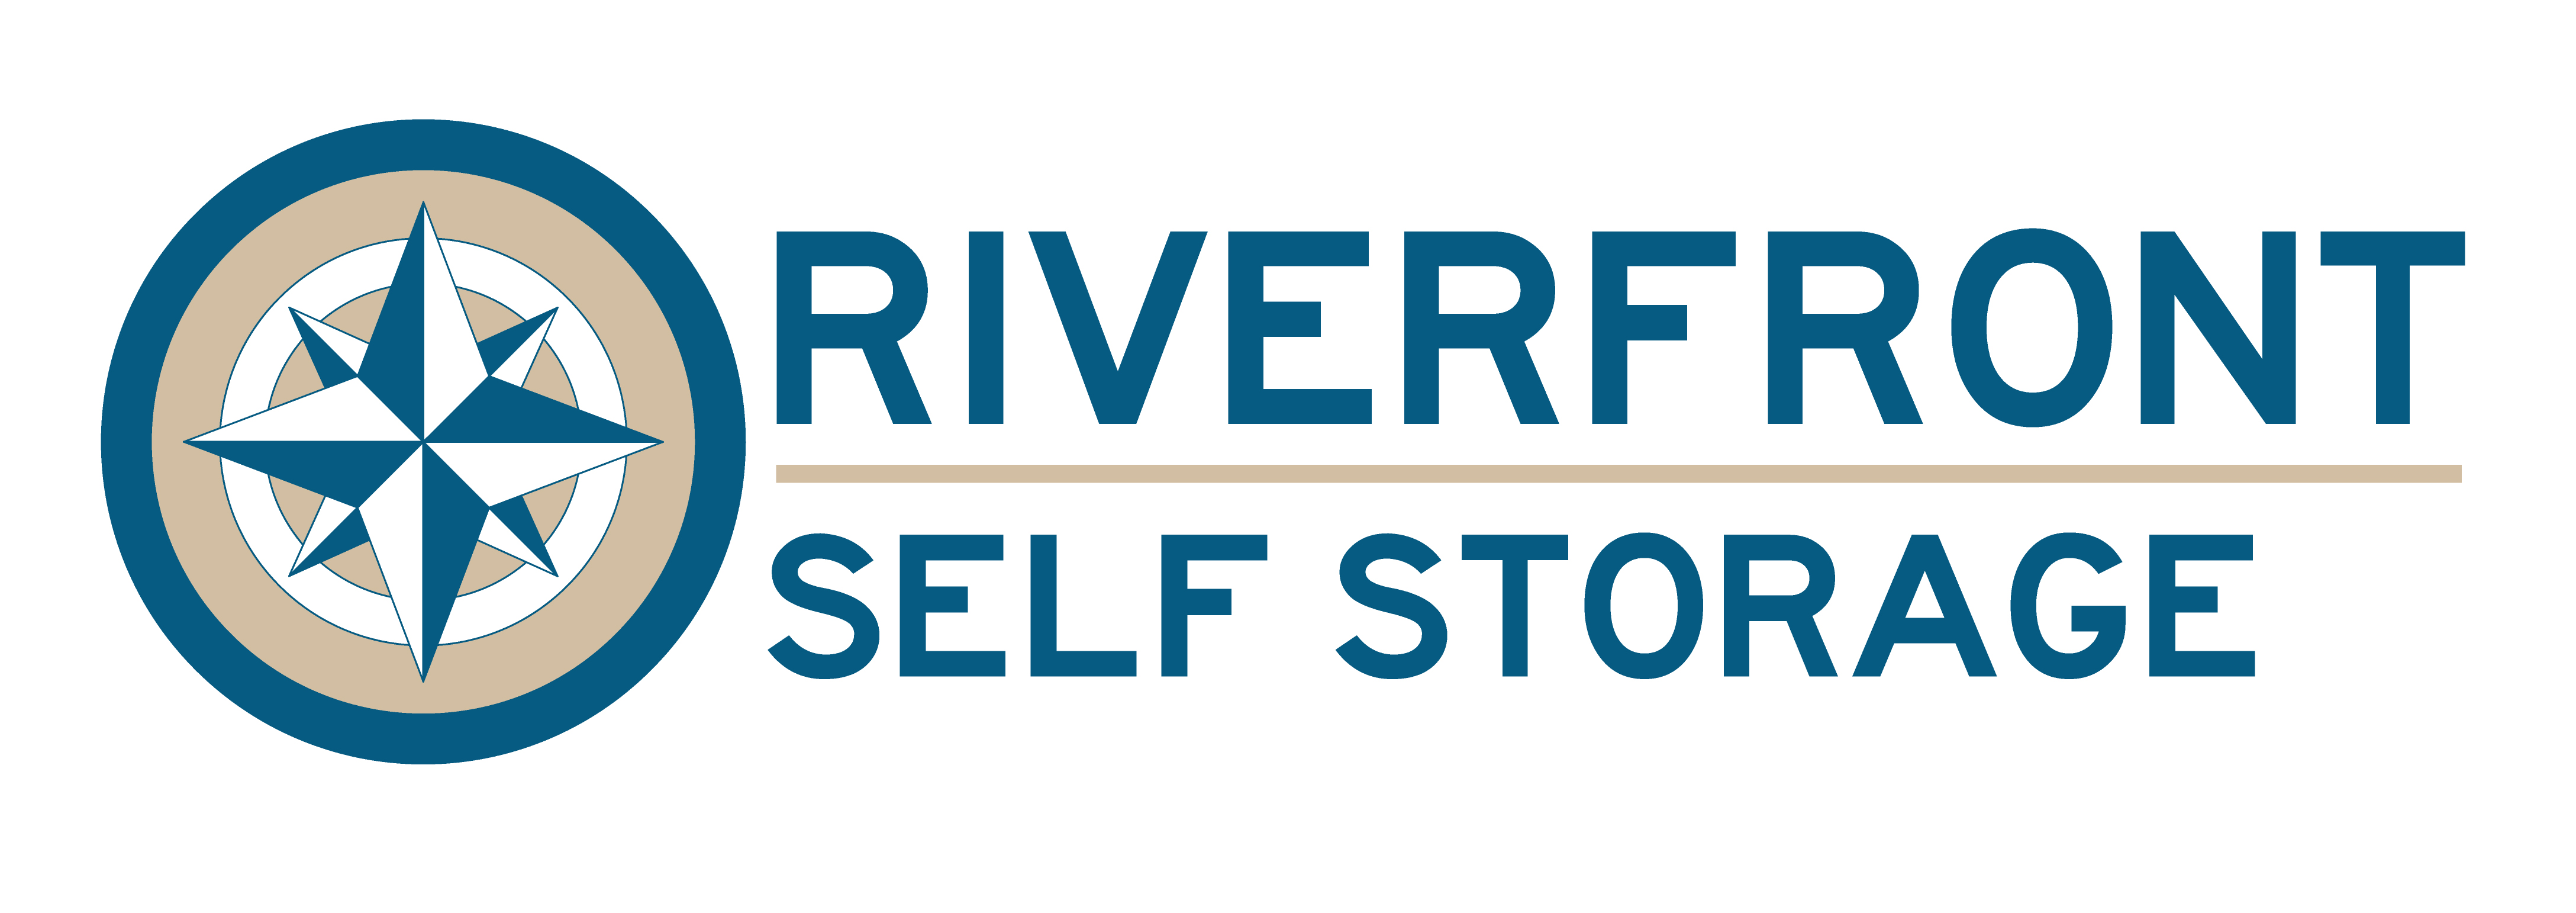 riverfront self storage logo